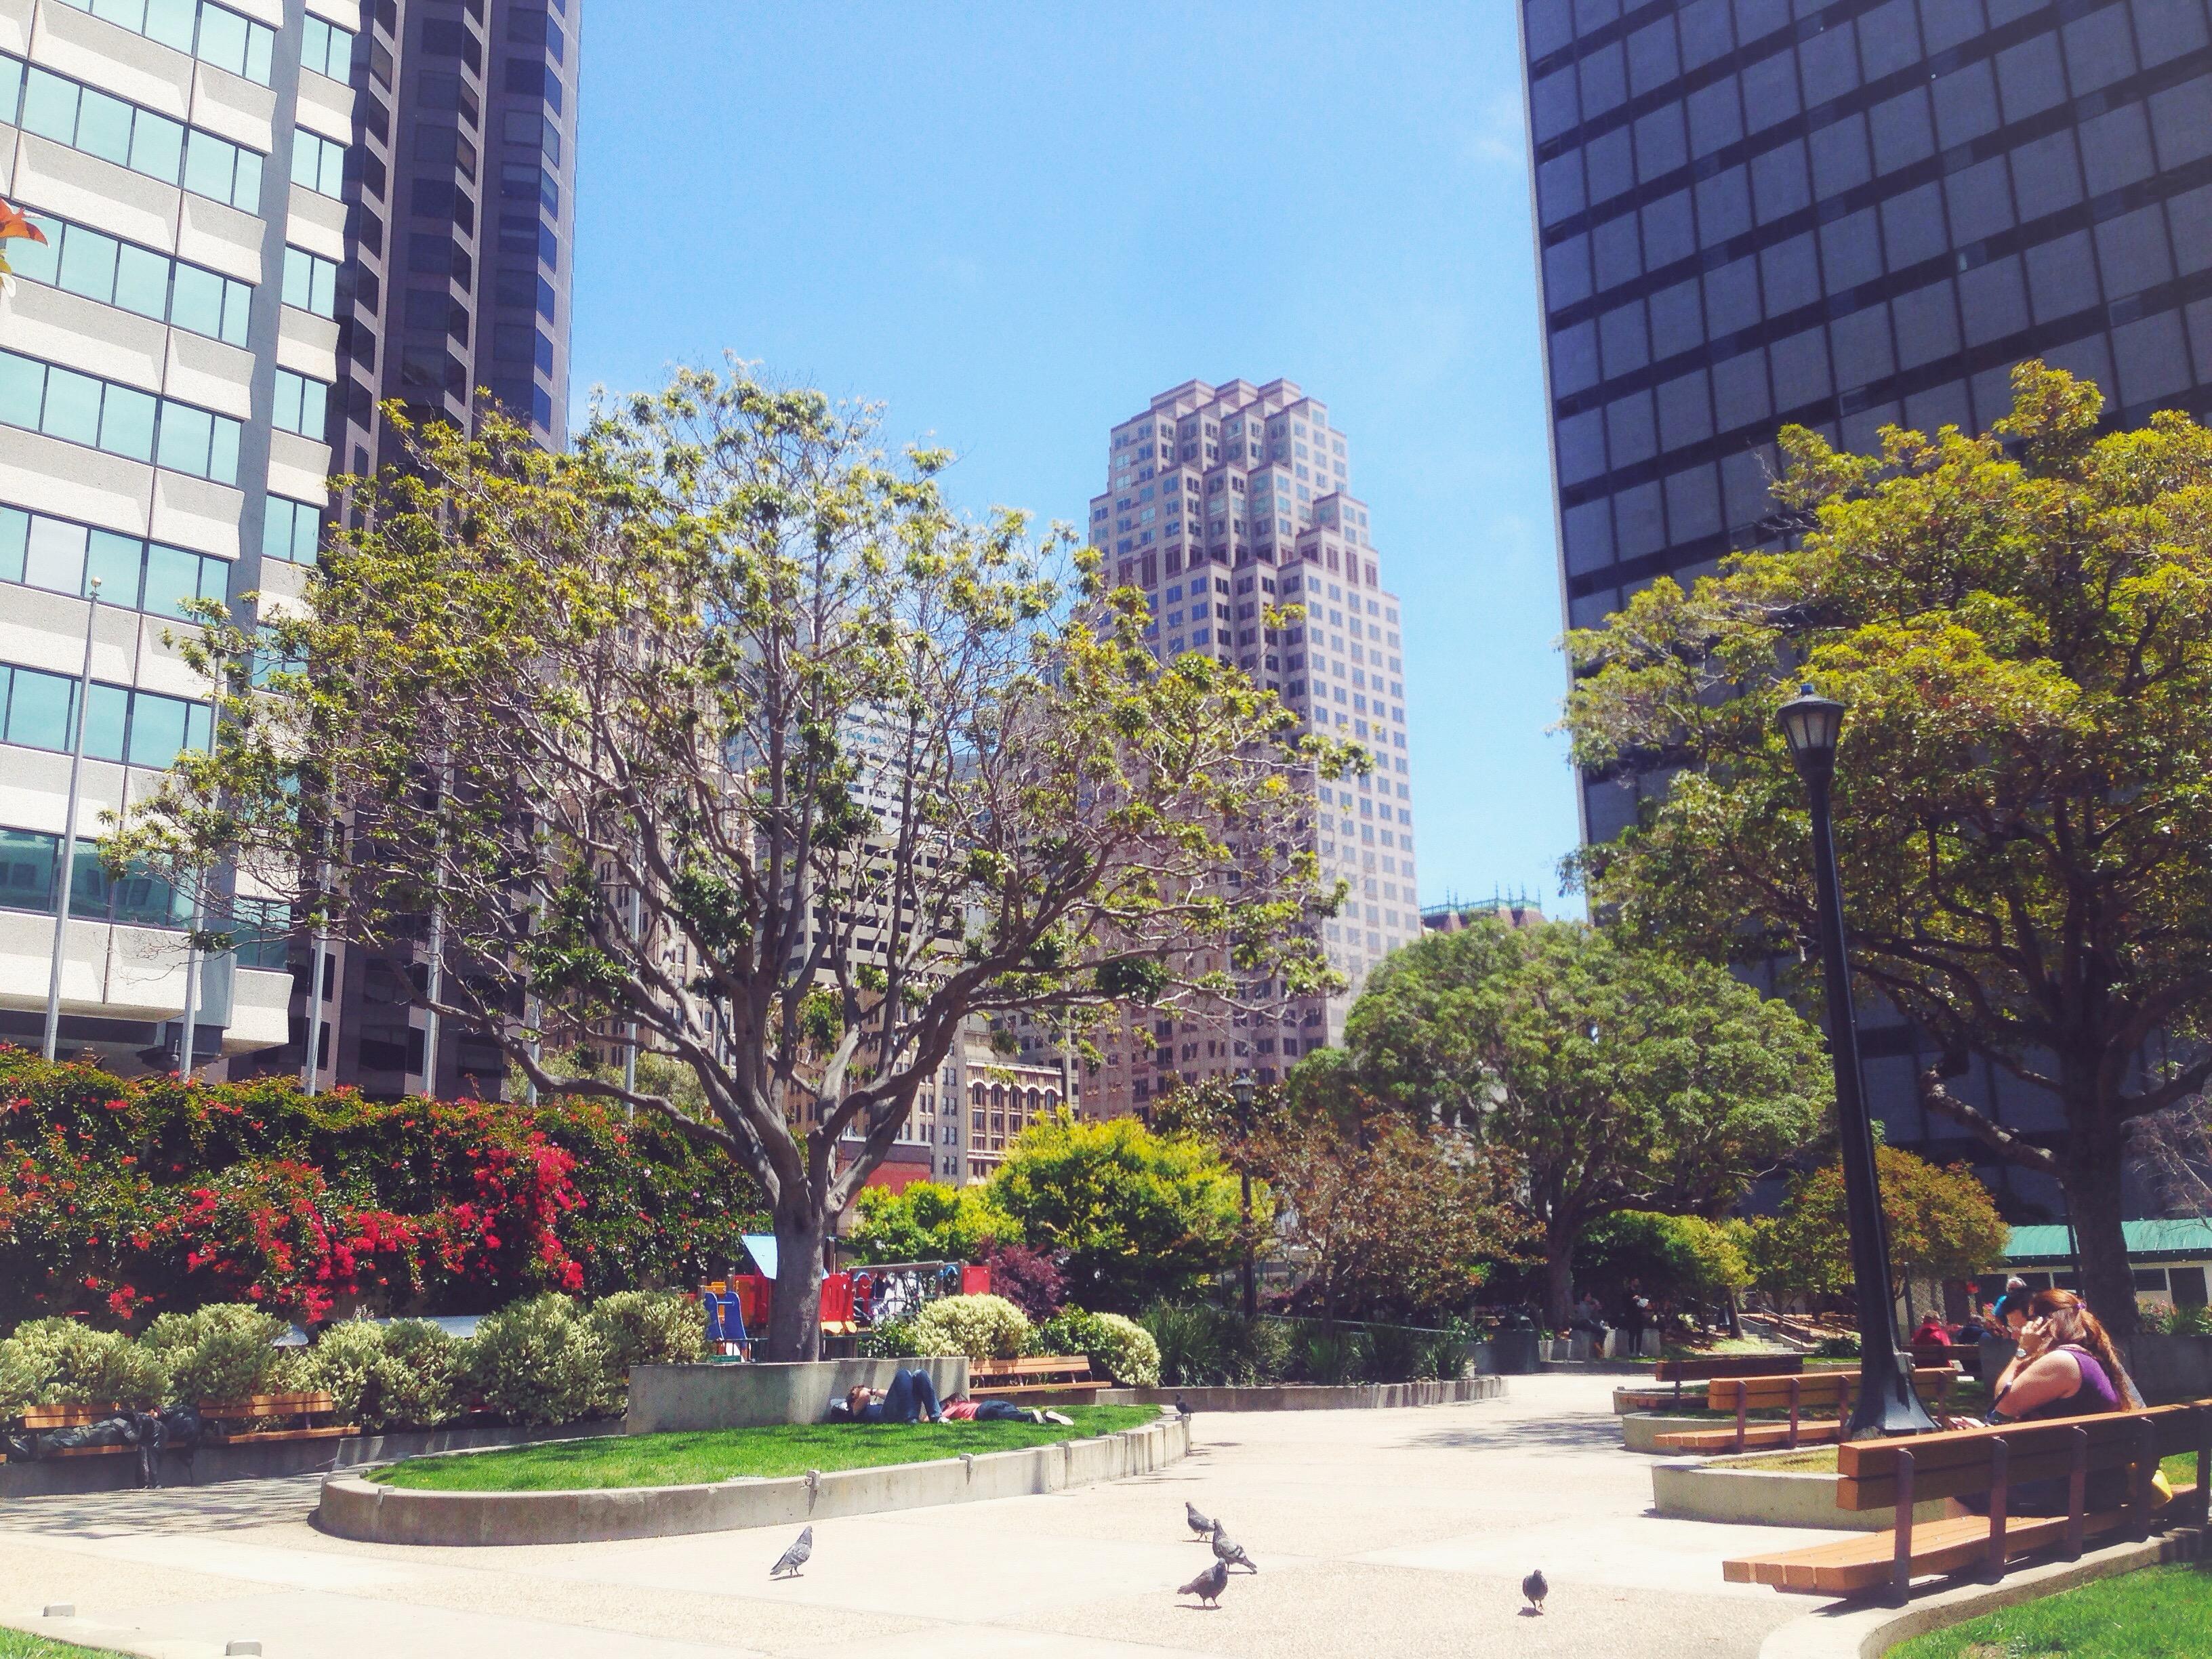 Il mio posto preferito a San Francisco